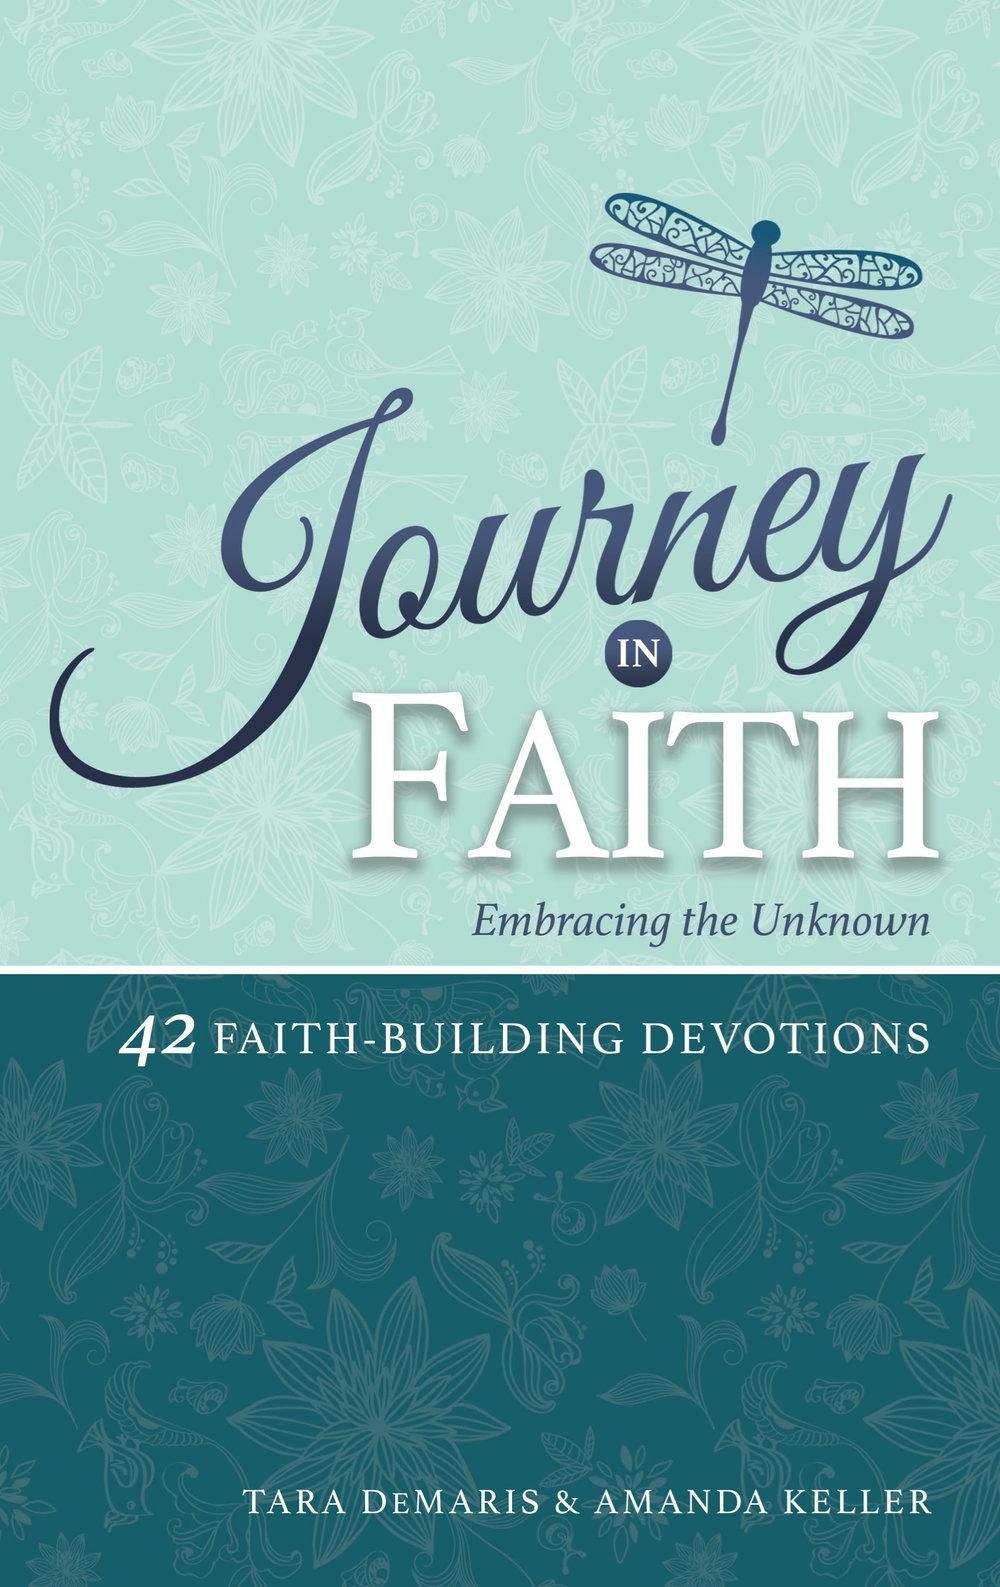 JourneyInFaith CVR (1)10.19.jpg